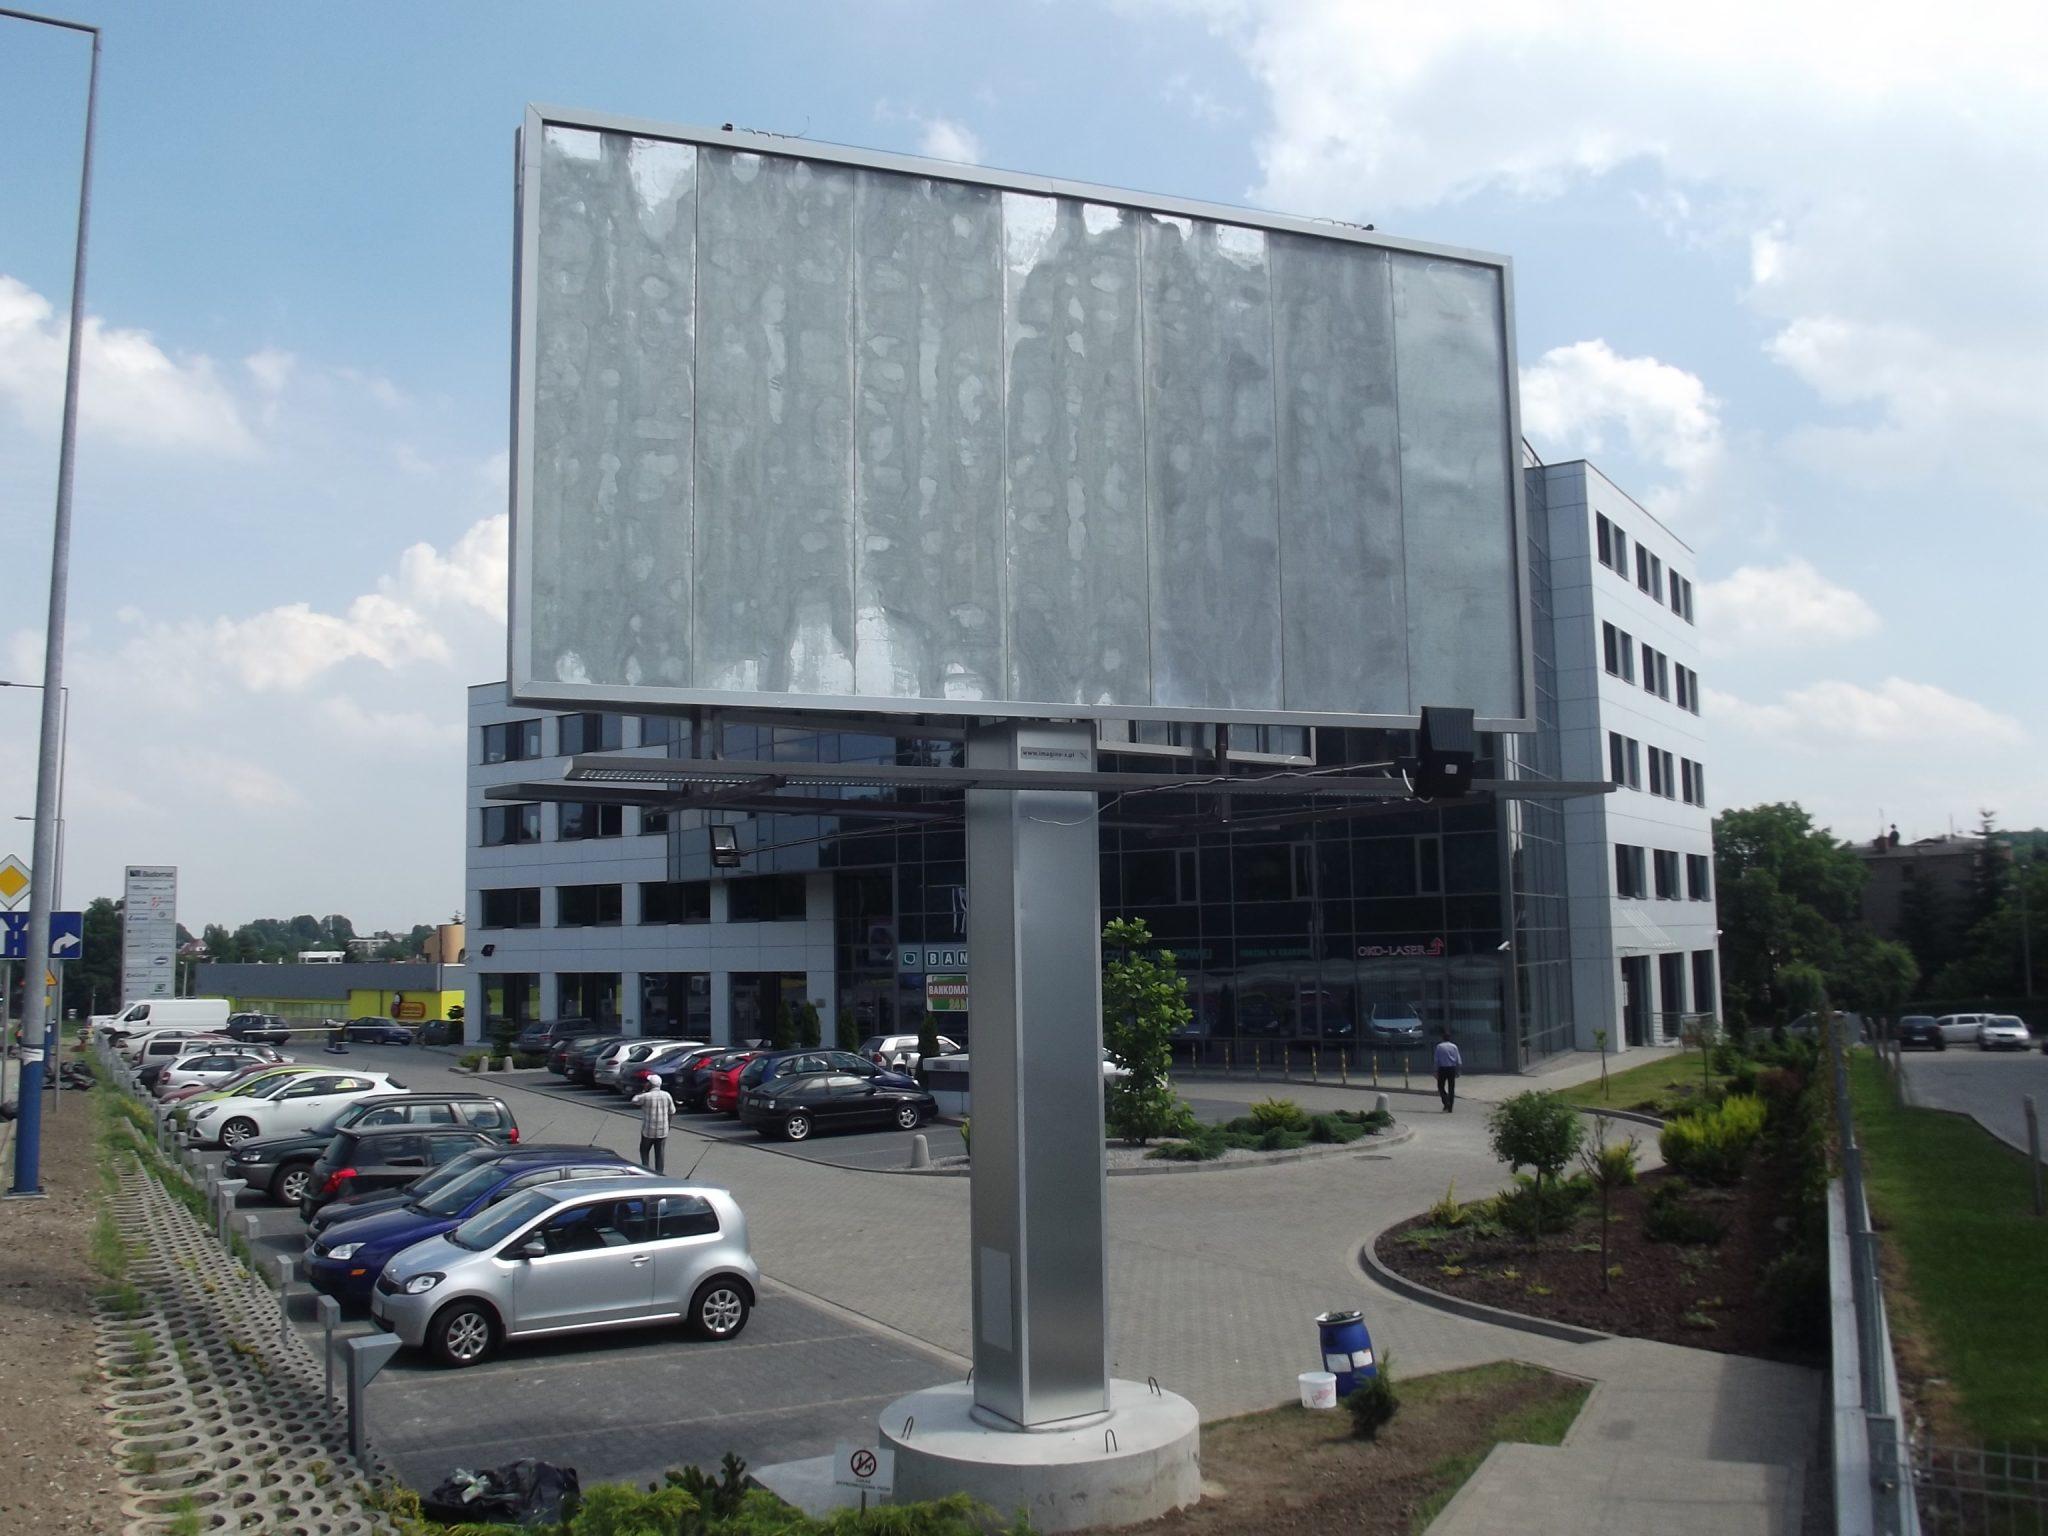 konstrukcja billboardu